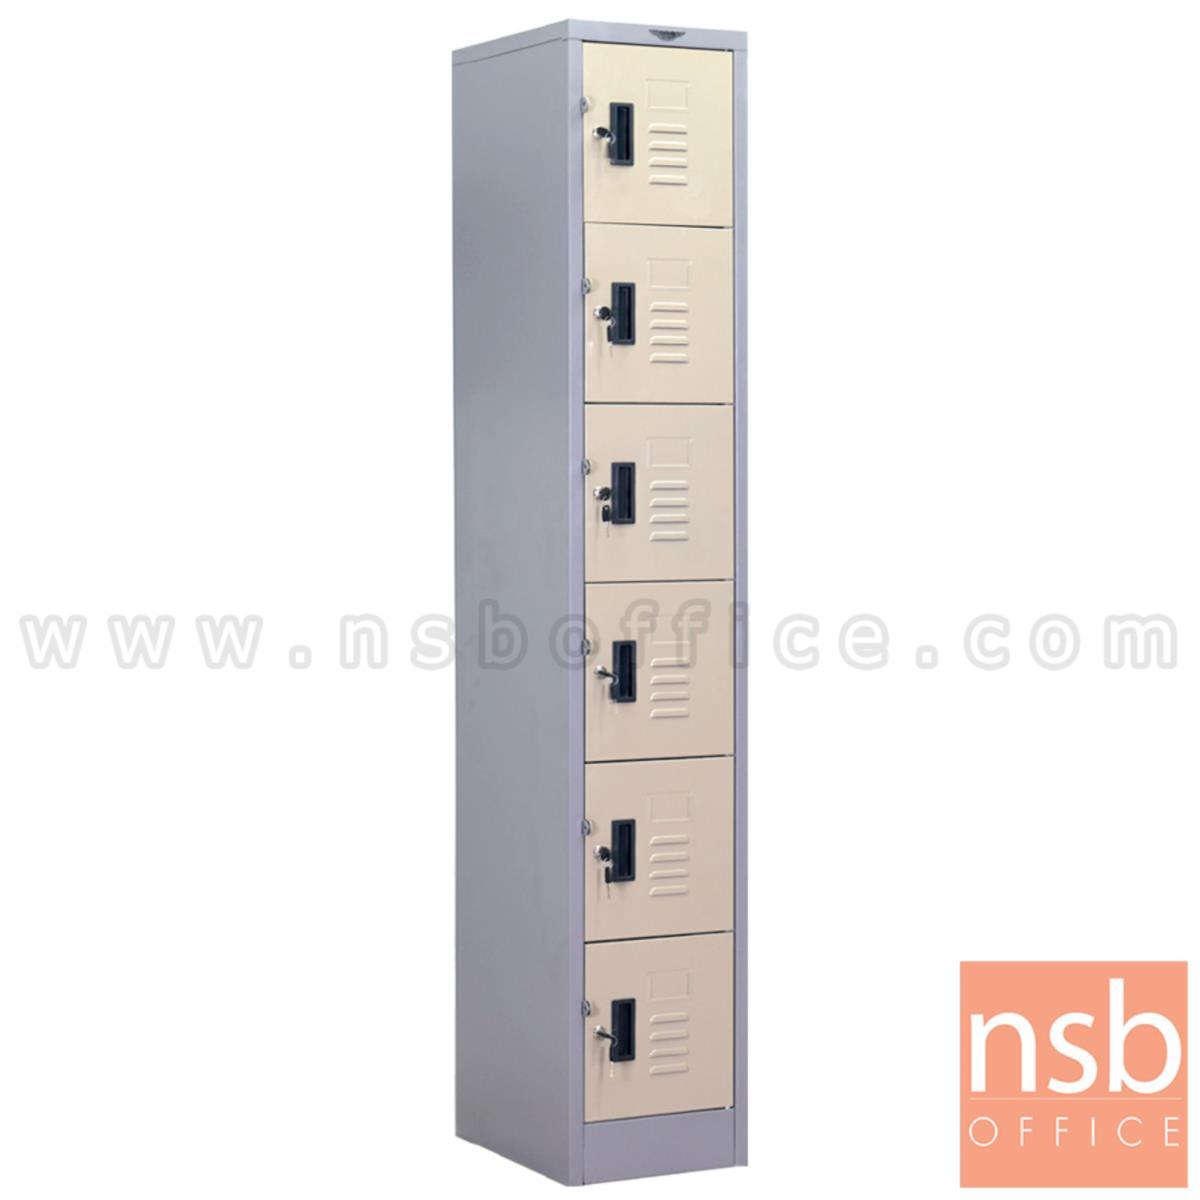 E03A056:ตู้ล็อคเกอร์ 6 ประตู  รุ่น Faley (ฟอลลี่ย์)  มีกุญแจล็อก